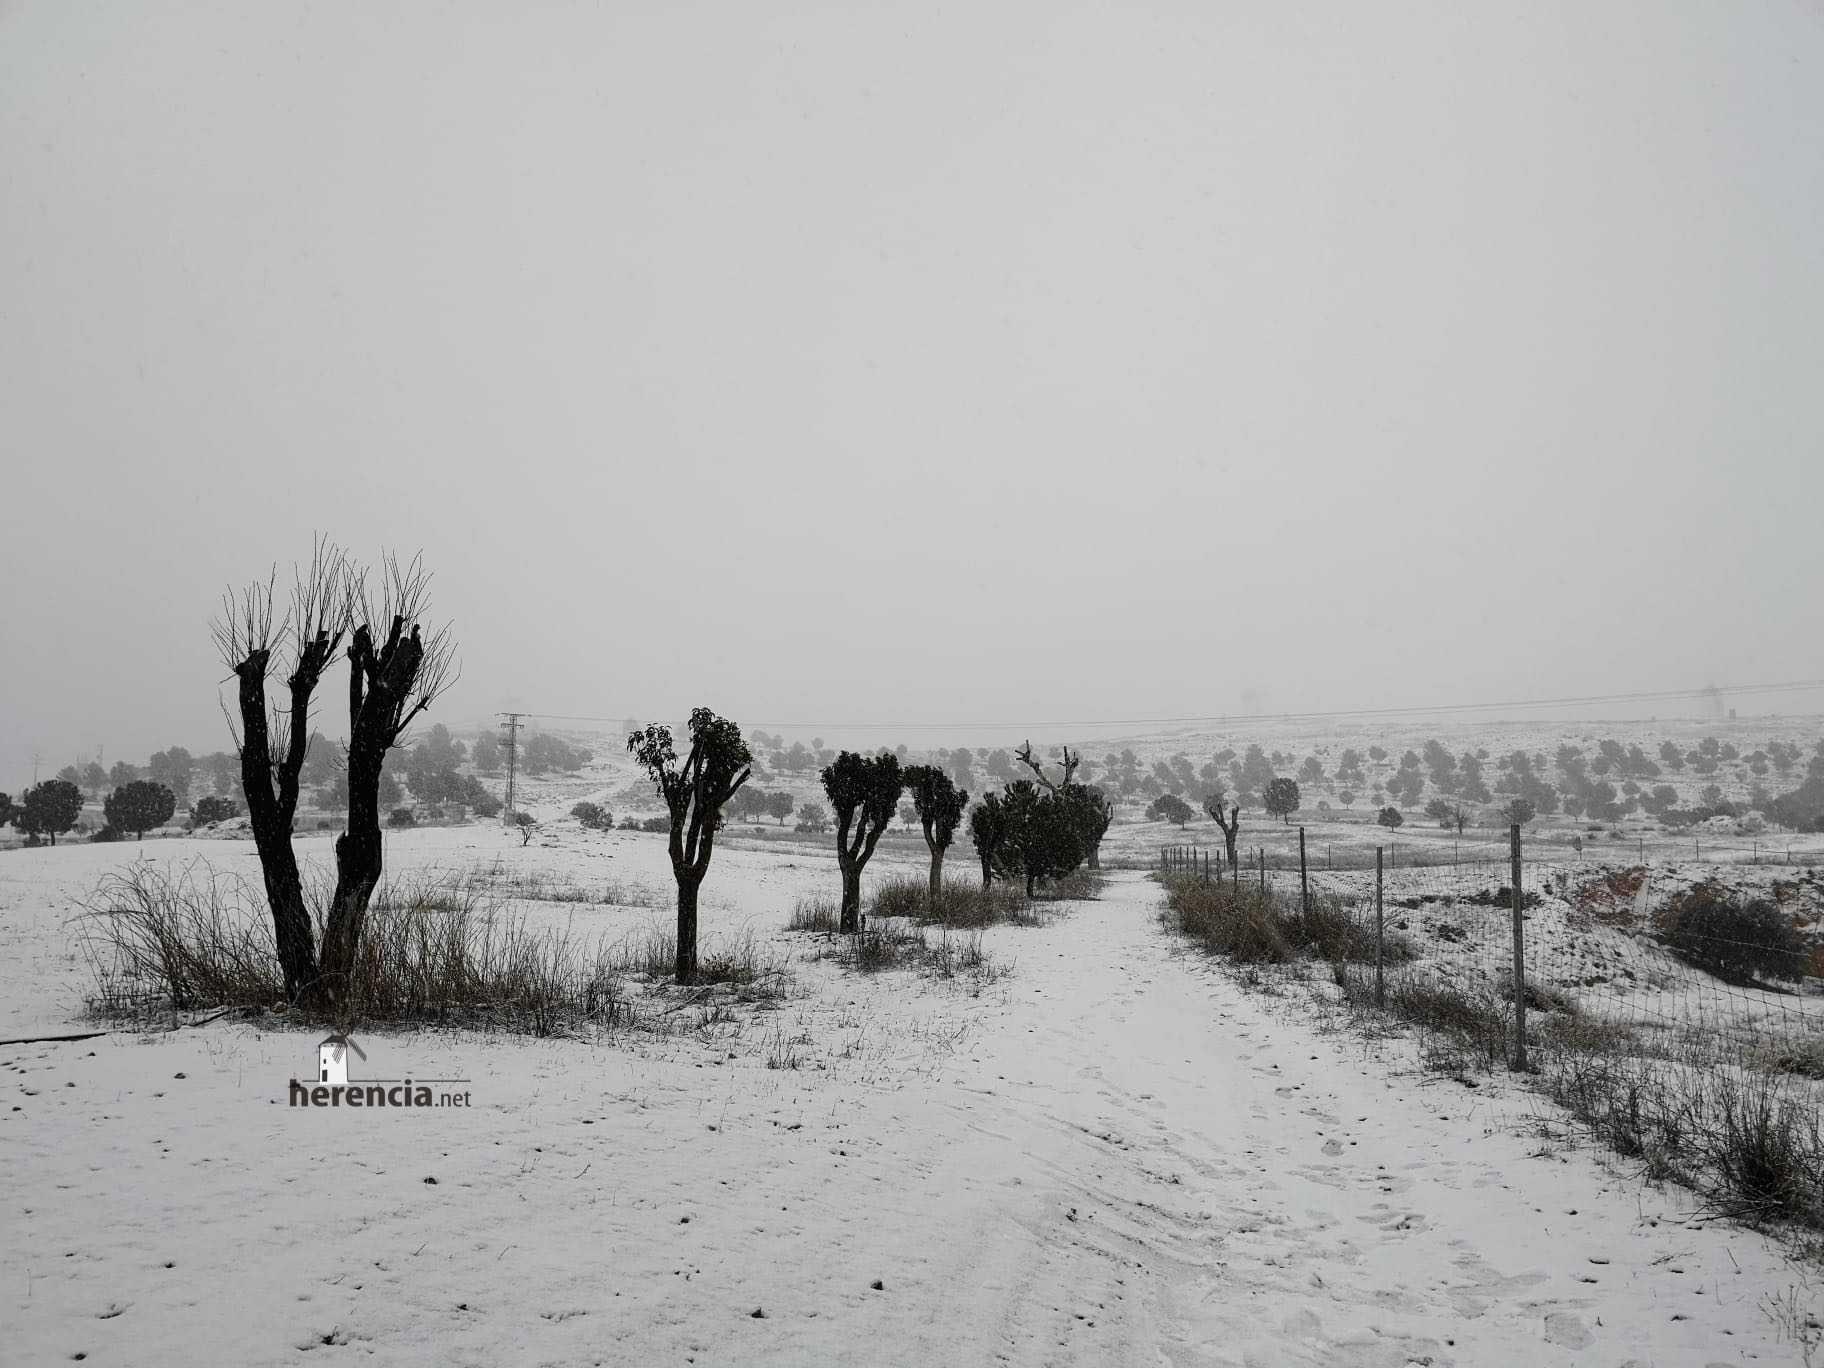 Las nevadas llegan Herencia y a toda Castilla-La Mancha 20